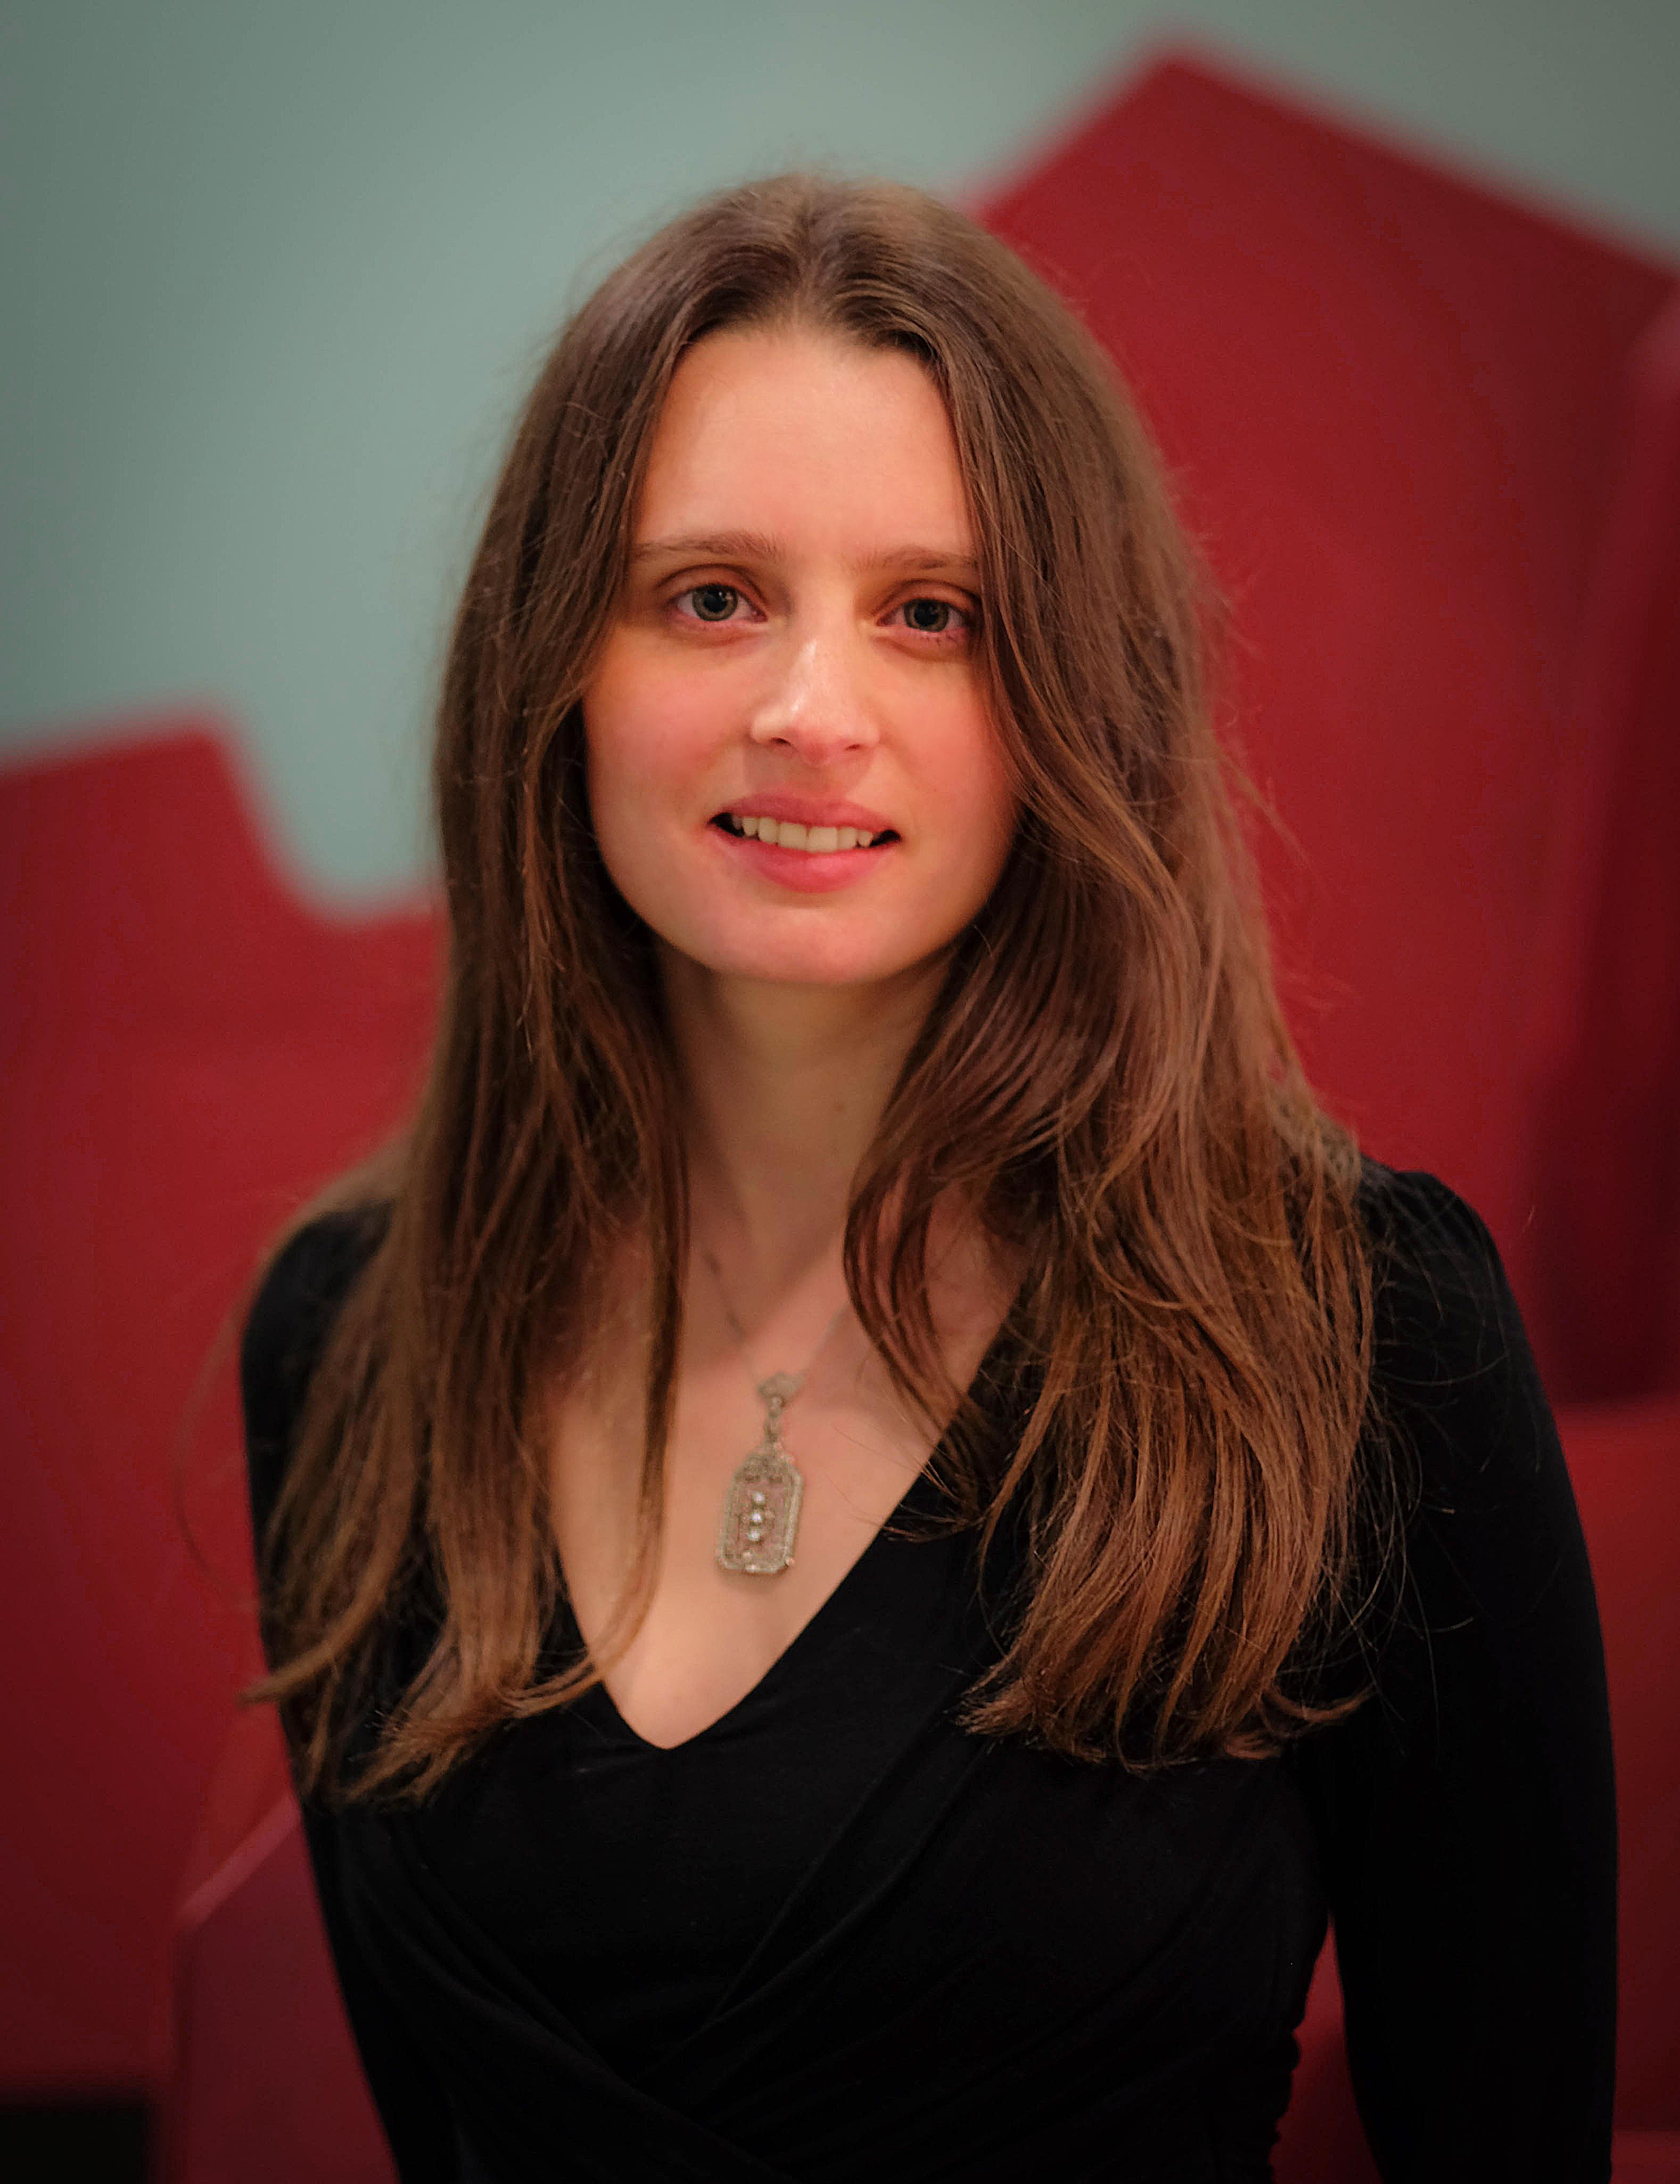 Carmelina Spitaleri , BA, LLB (Hons)(Monash)